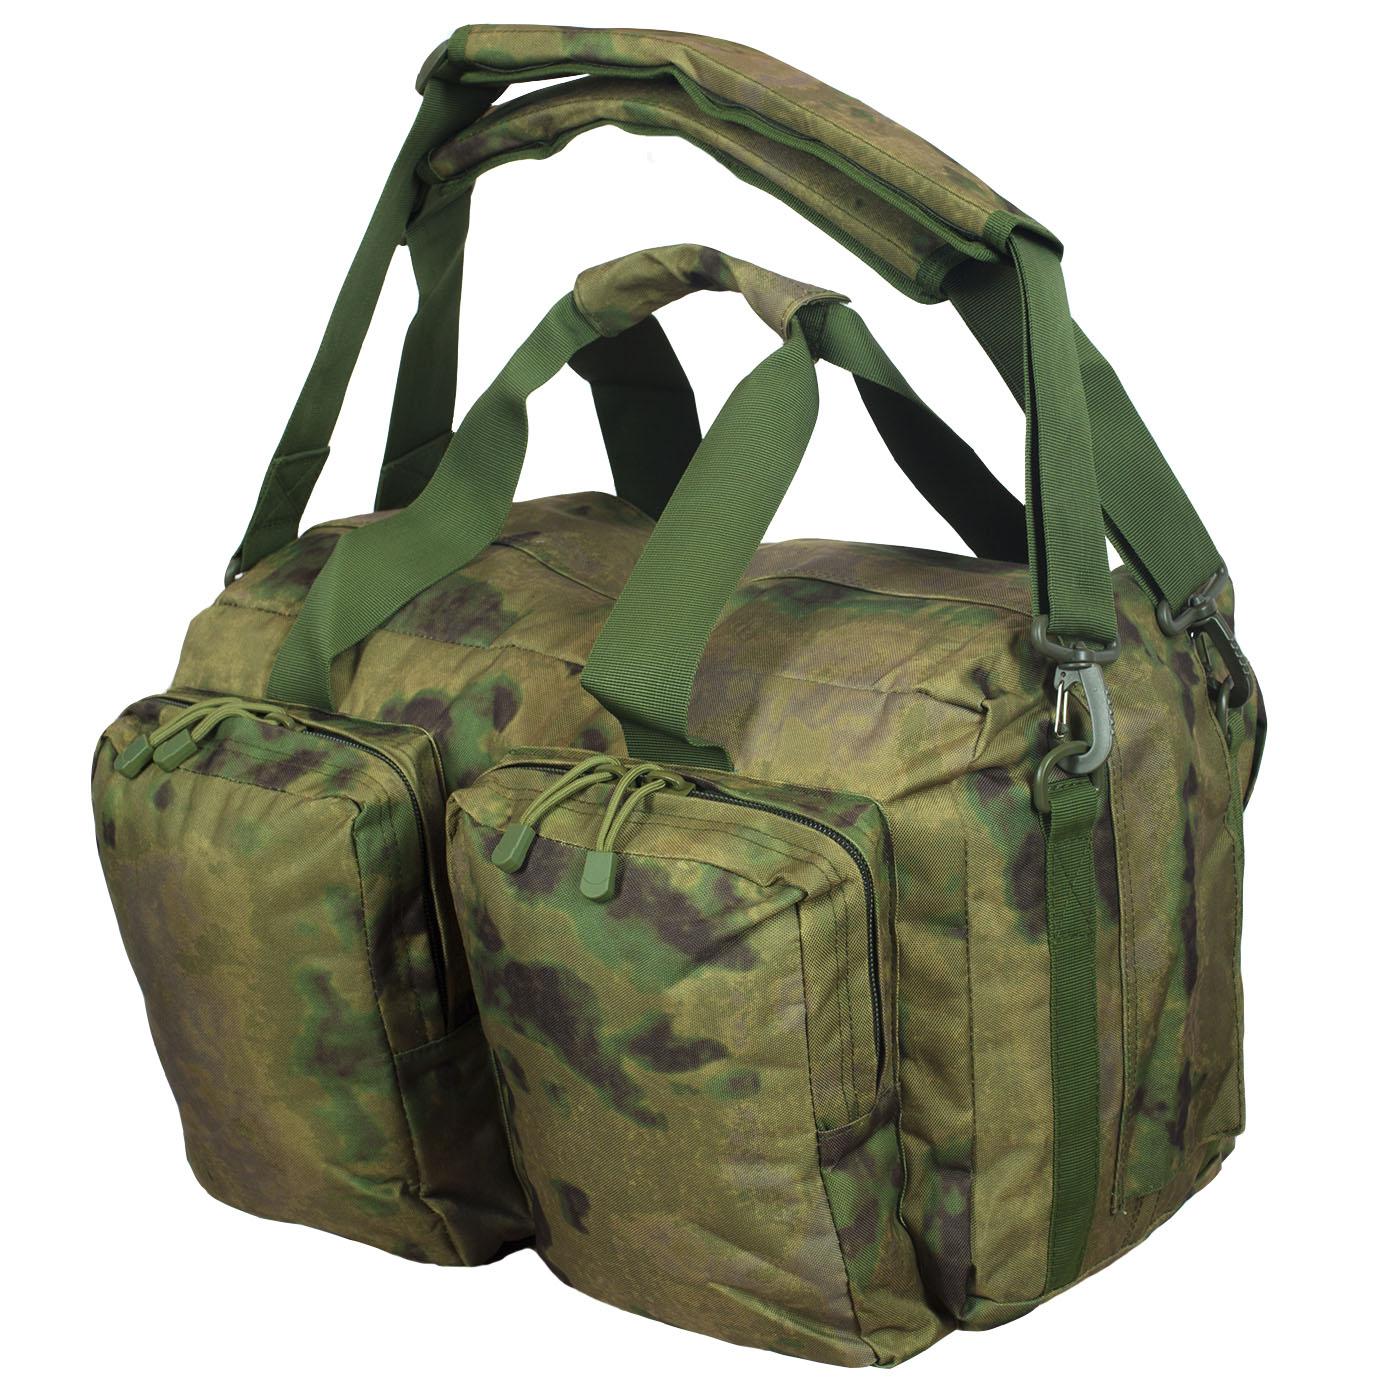 Заказать камуфляжную дорожную сумку по лучшей цене